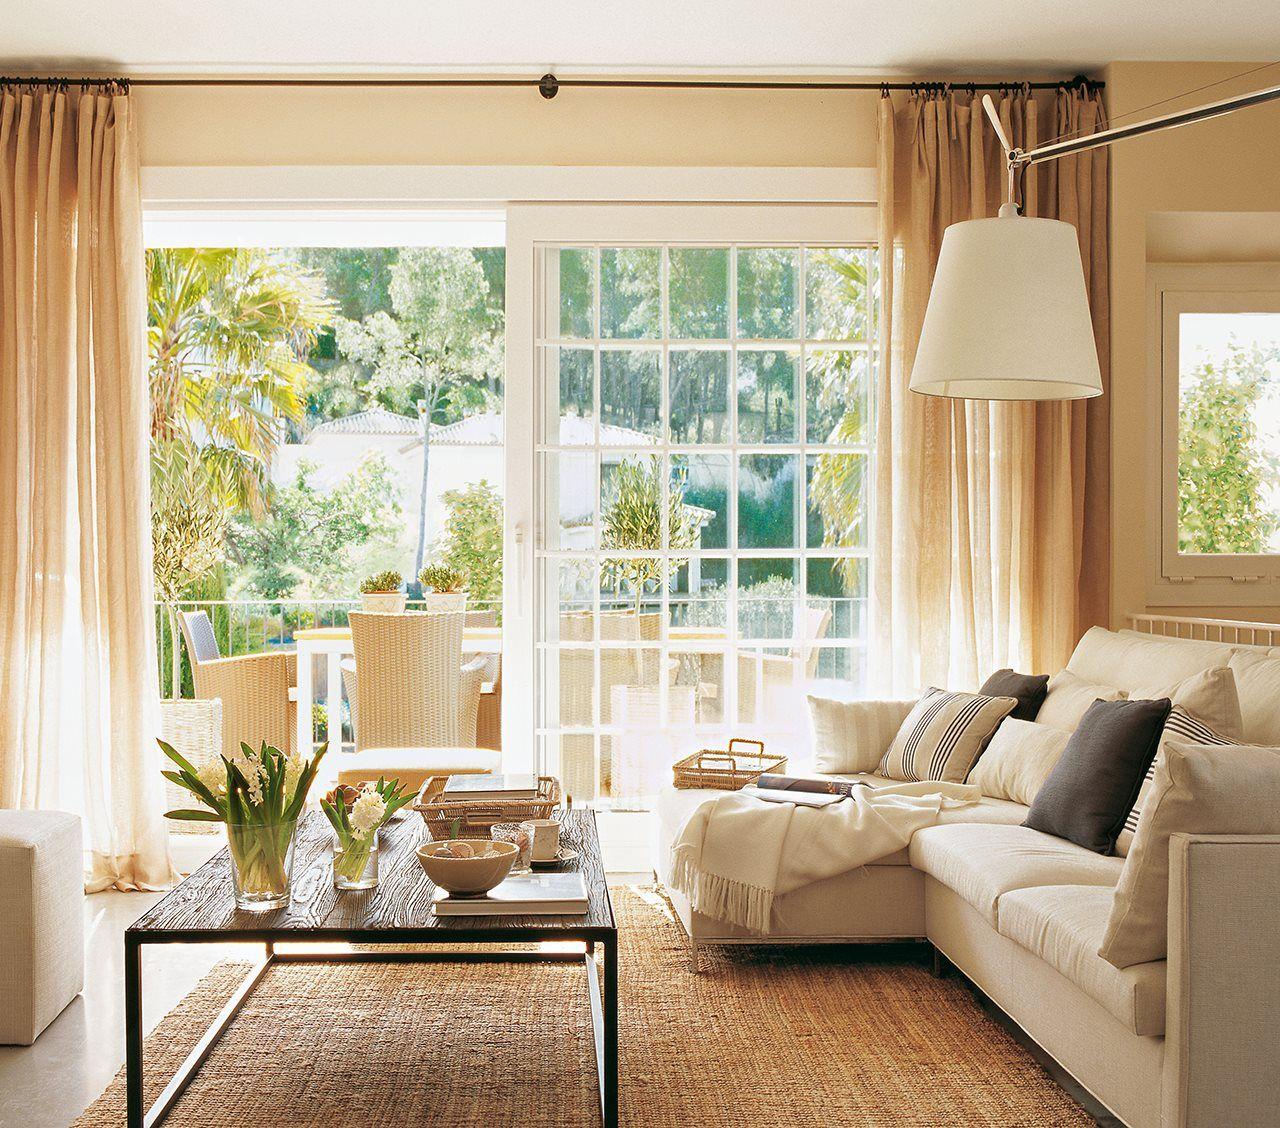 Living Room Decor - Wohnzimmer Dekor   Wohnzimmer   Pinterest ...